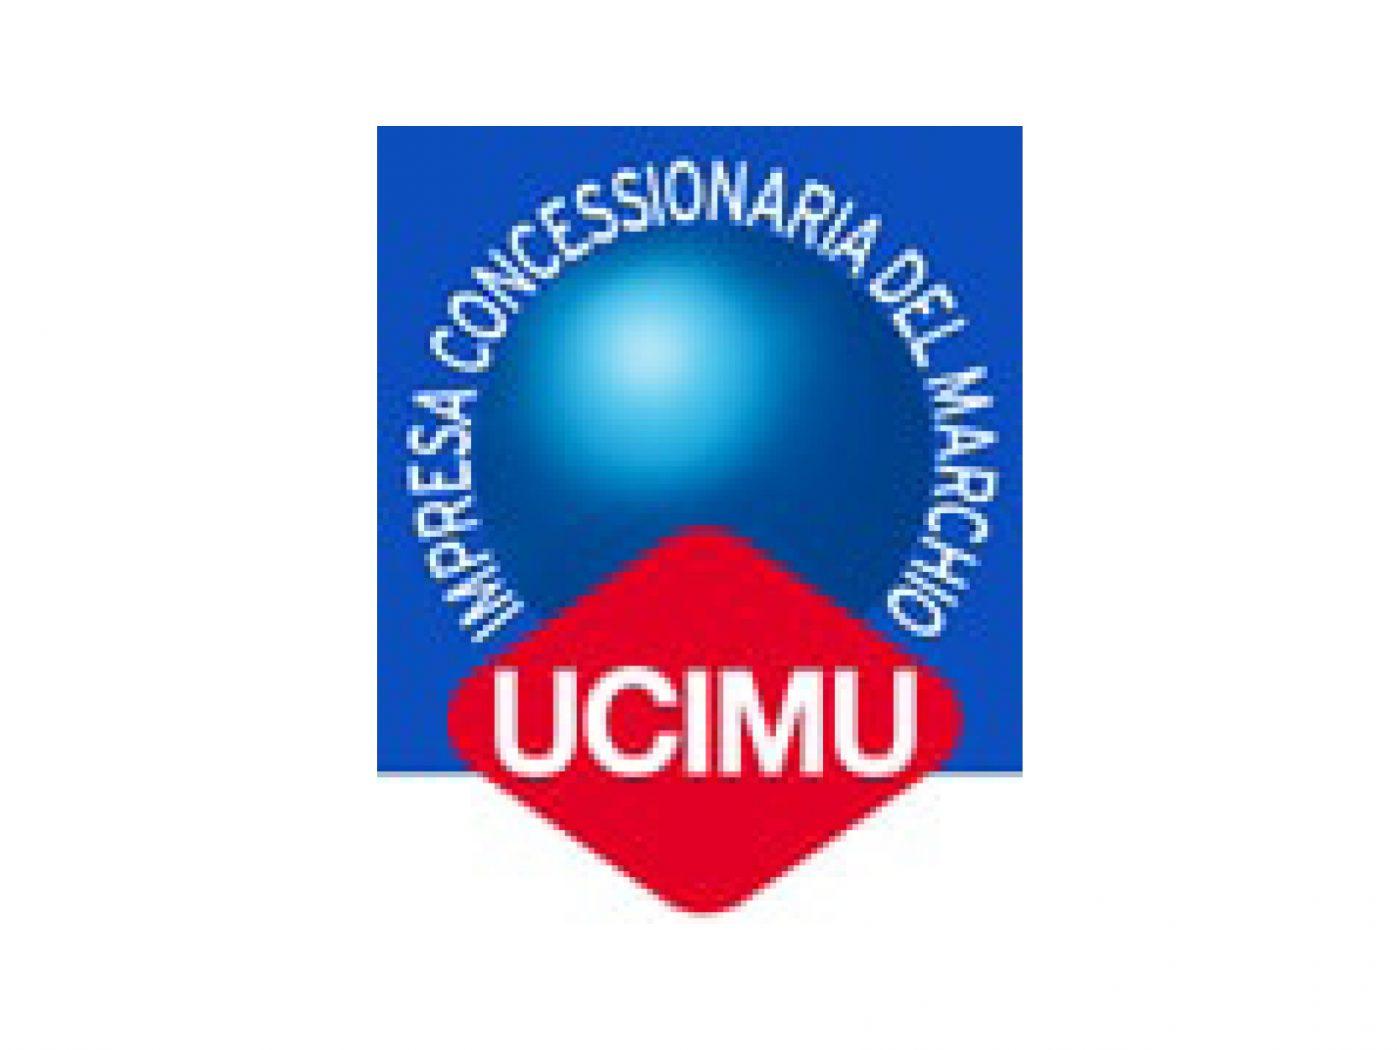 UCIMU